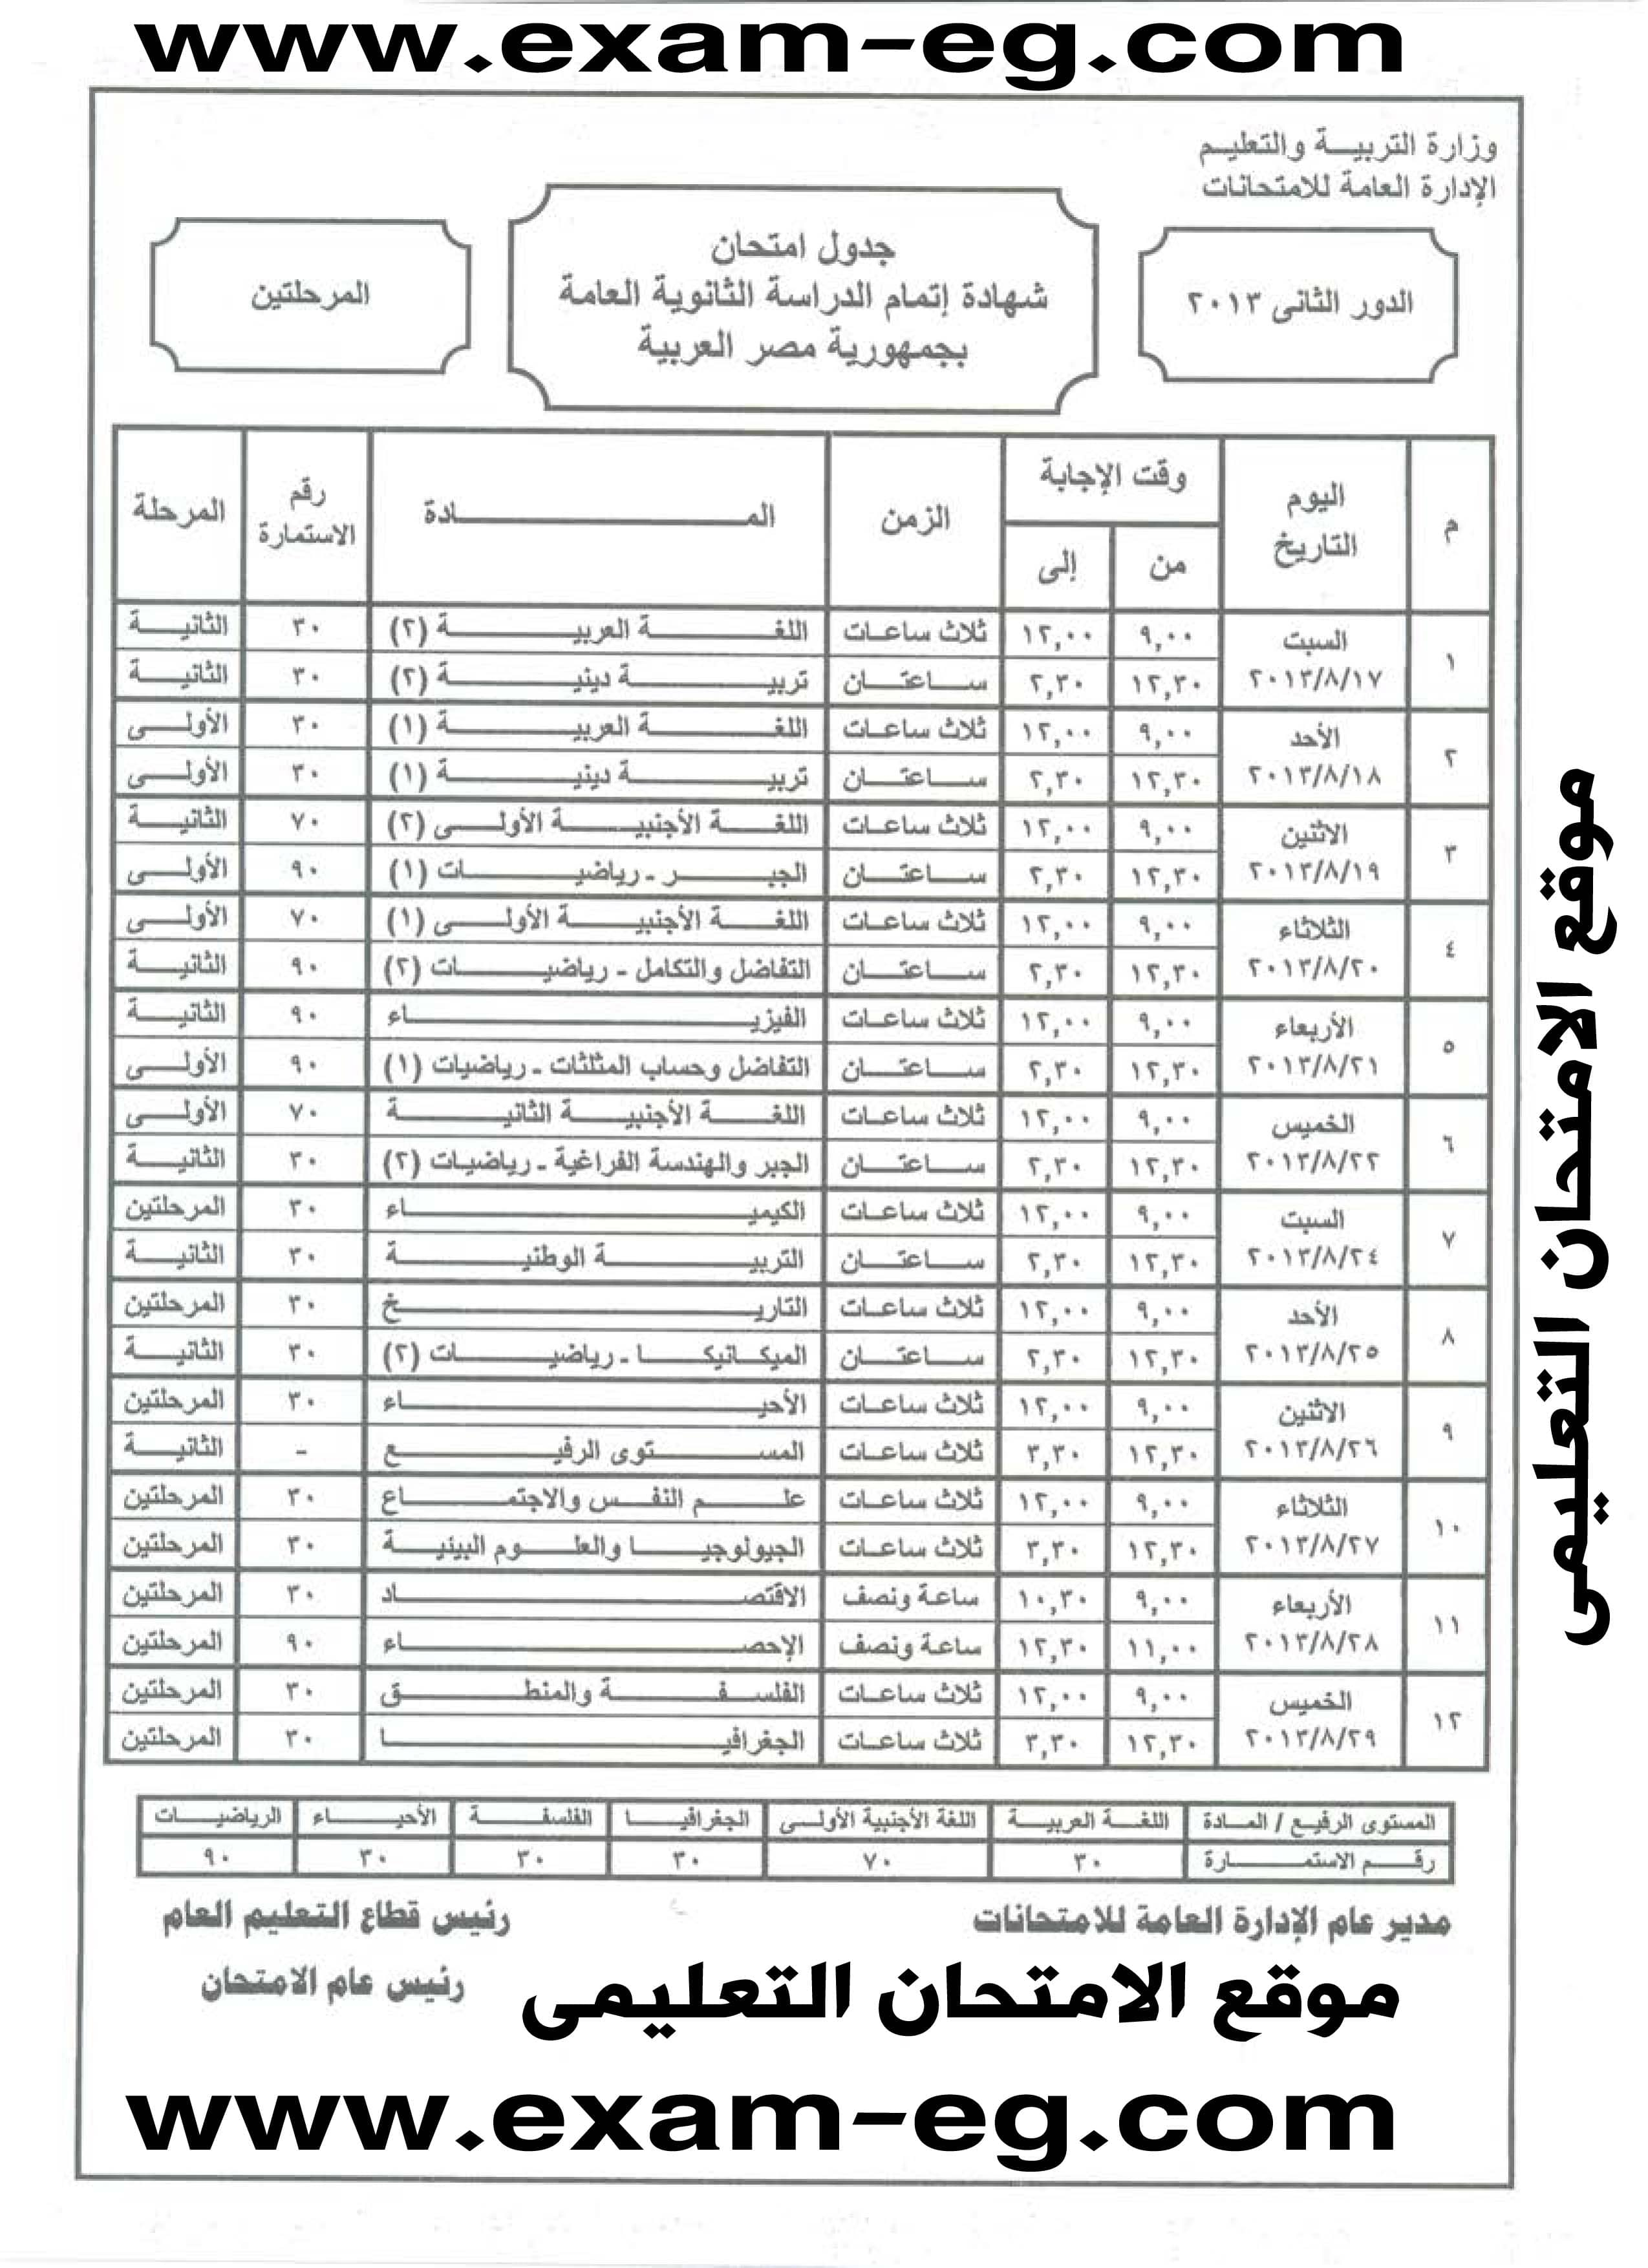 ���� �������� �������� ������ 2013 ����� ������ exam-eg.com_13753175